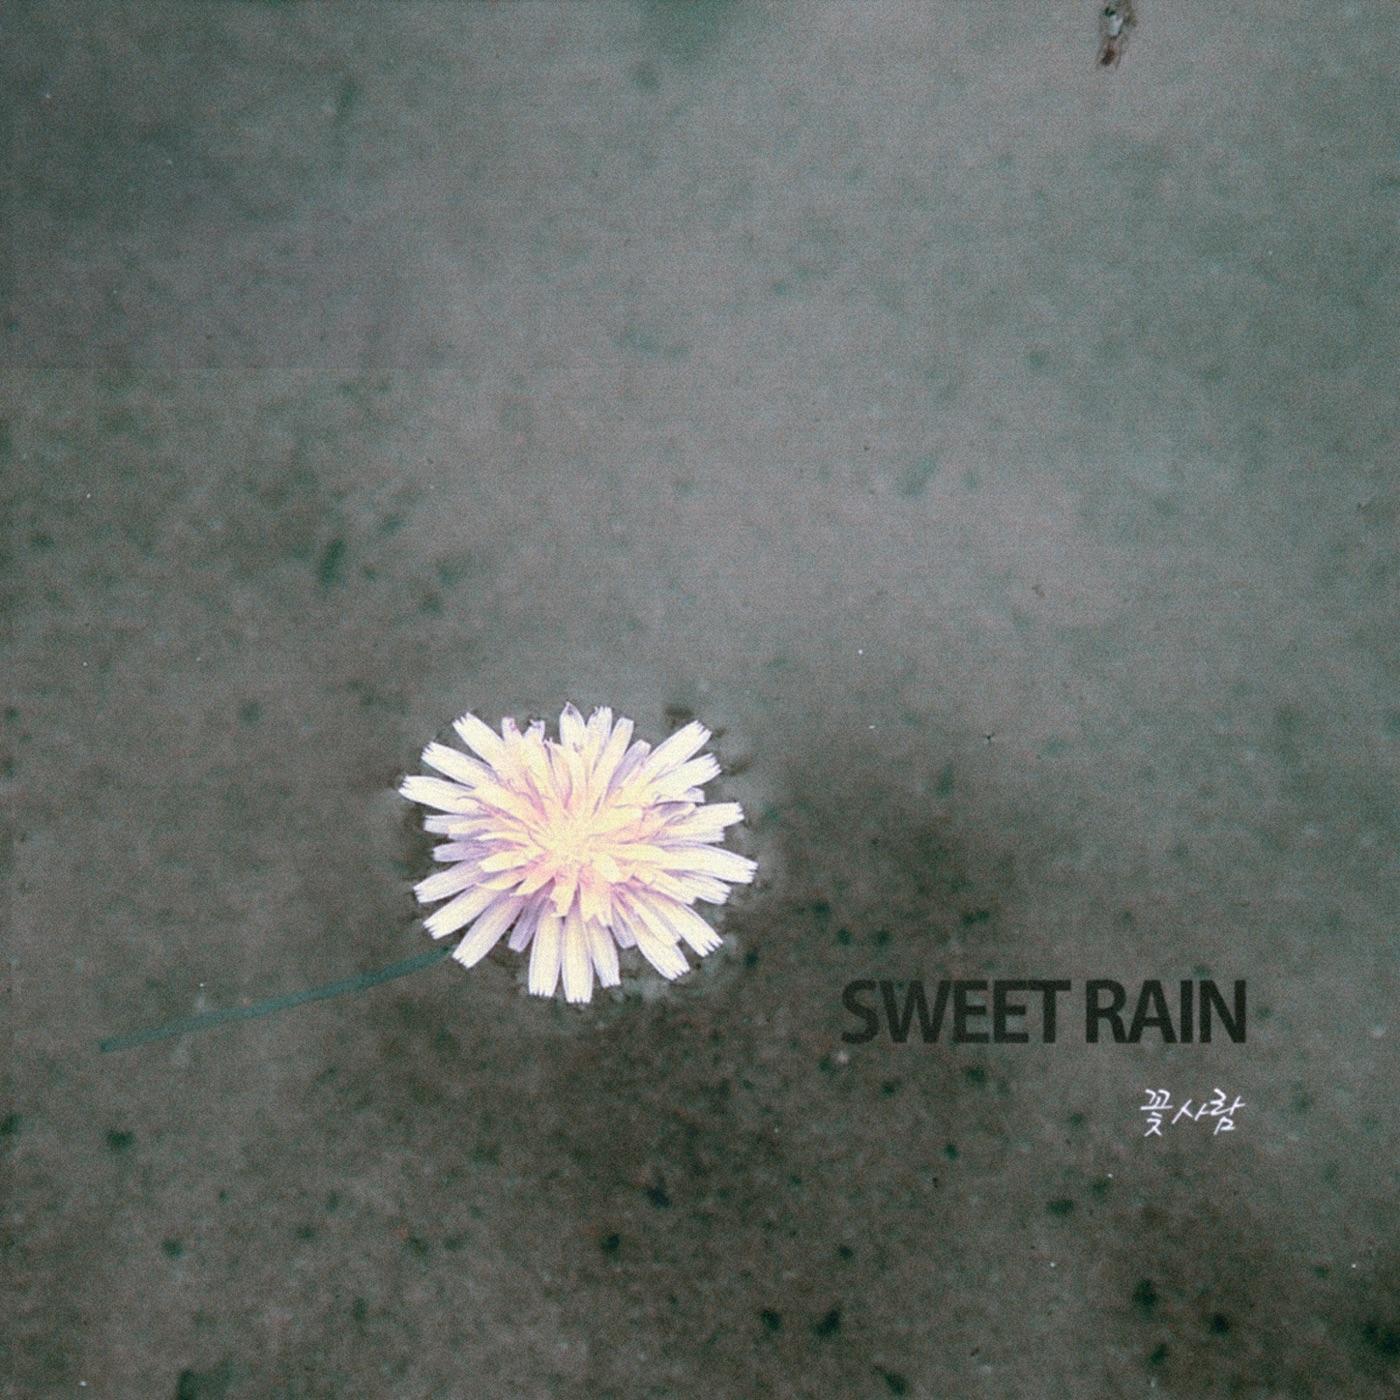 단비 - Flower Person - Single